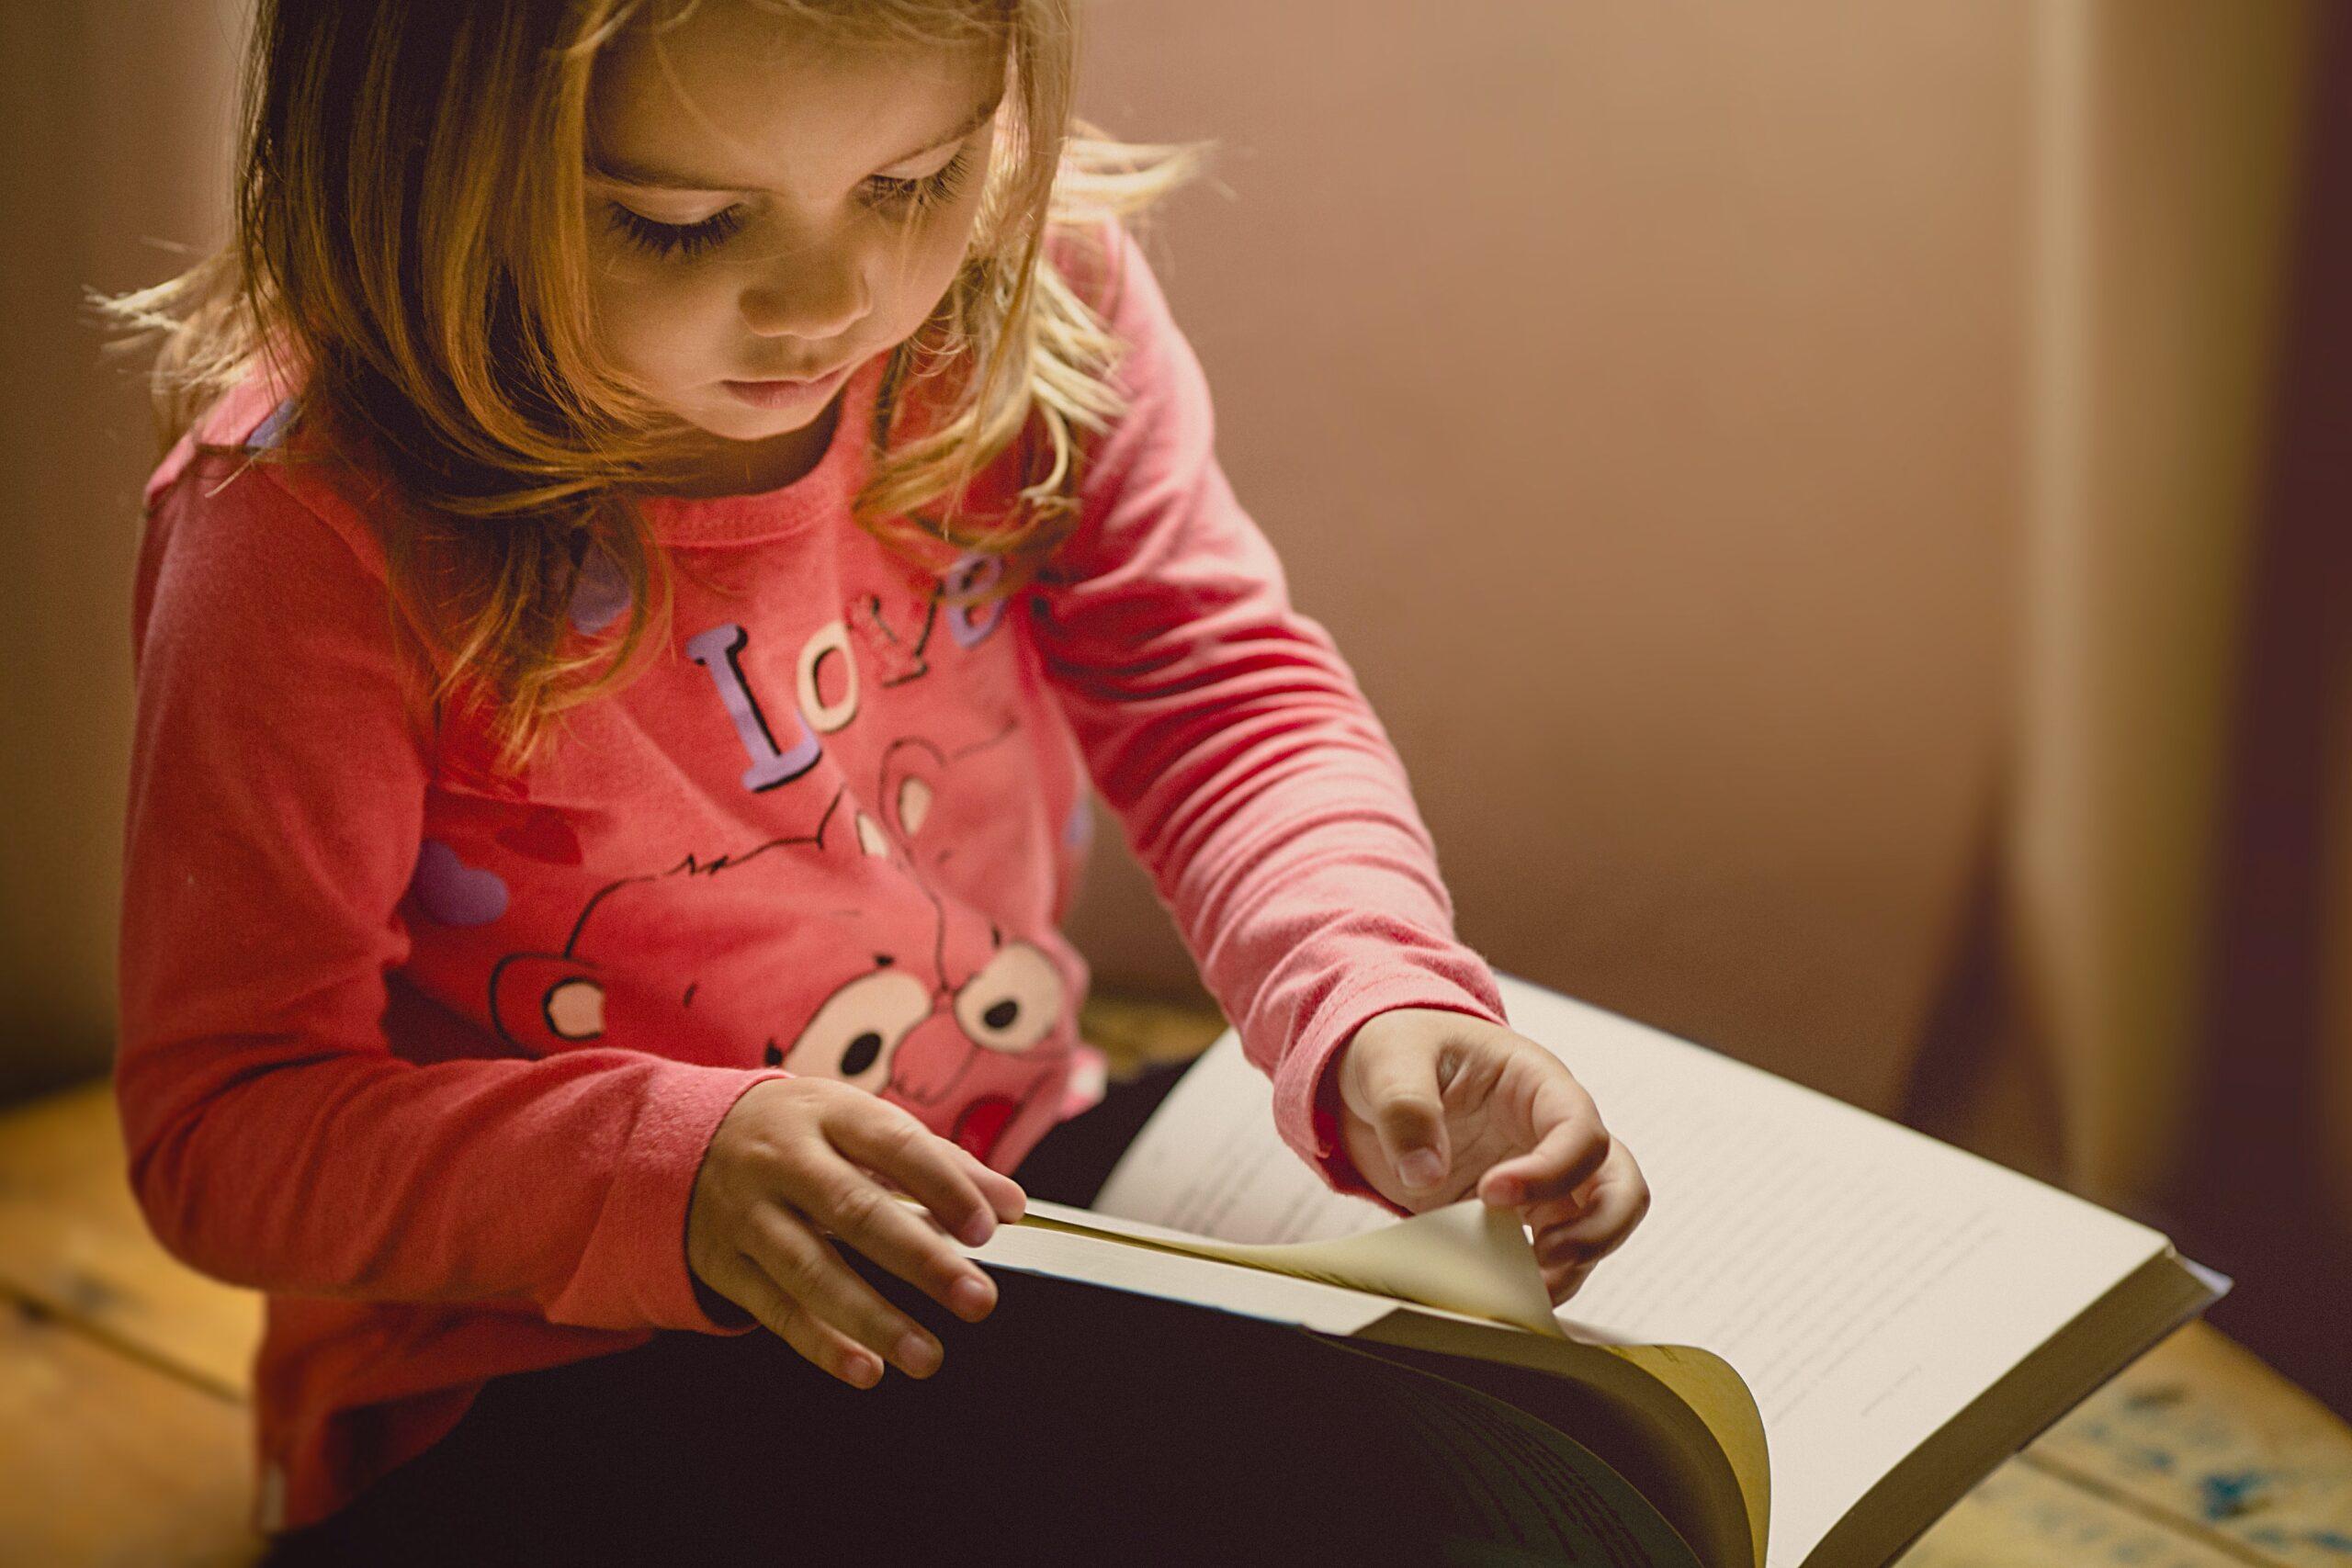 jak wybrać spejser dla dziecka